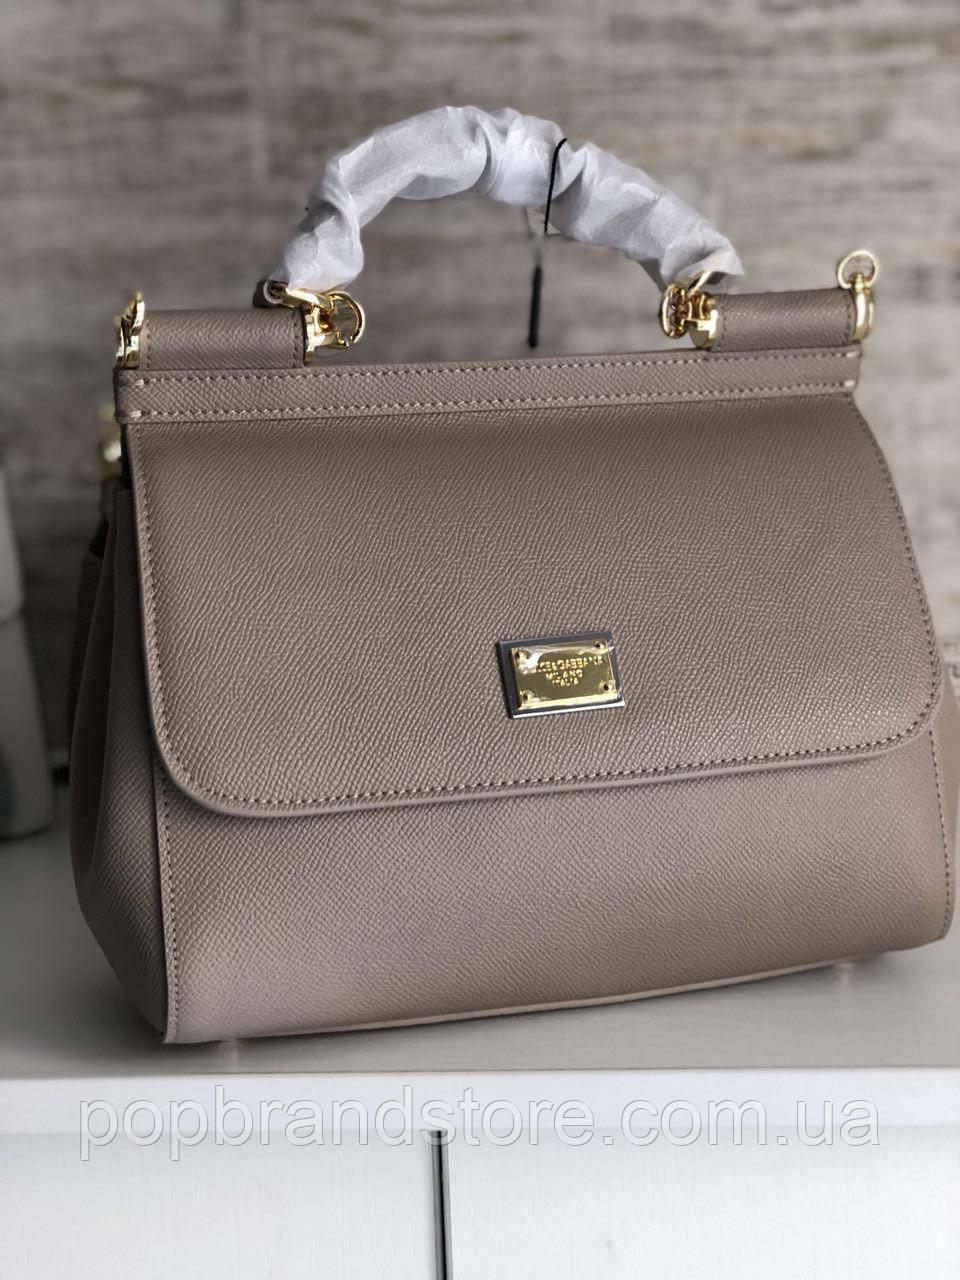 Стильная женская сумочка Brelos_Elonge из эко-кожи графитового цвета.